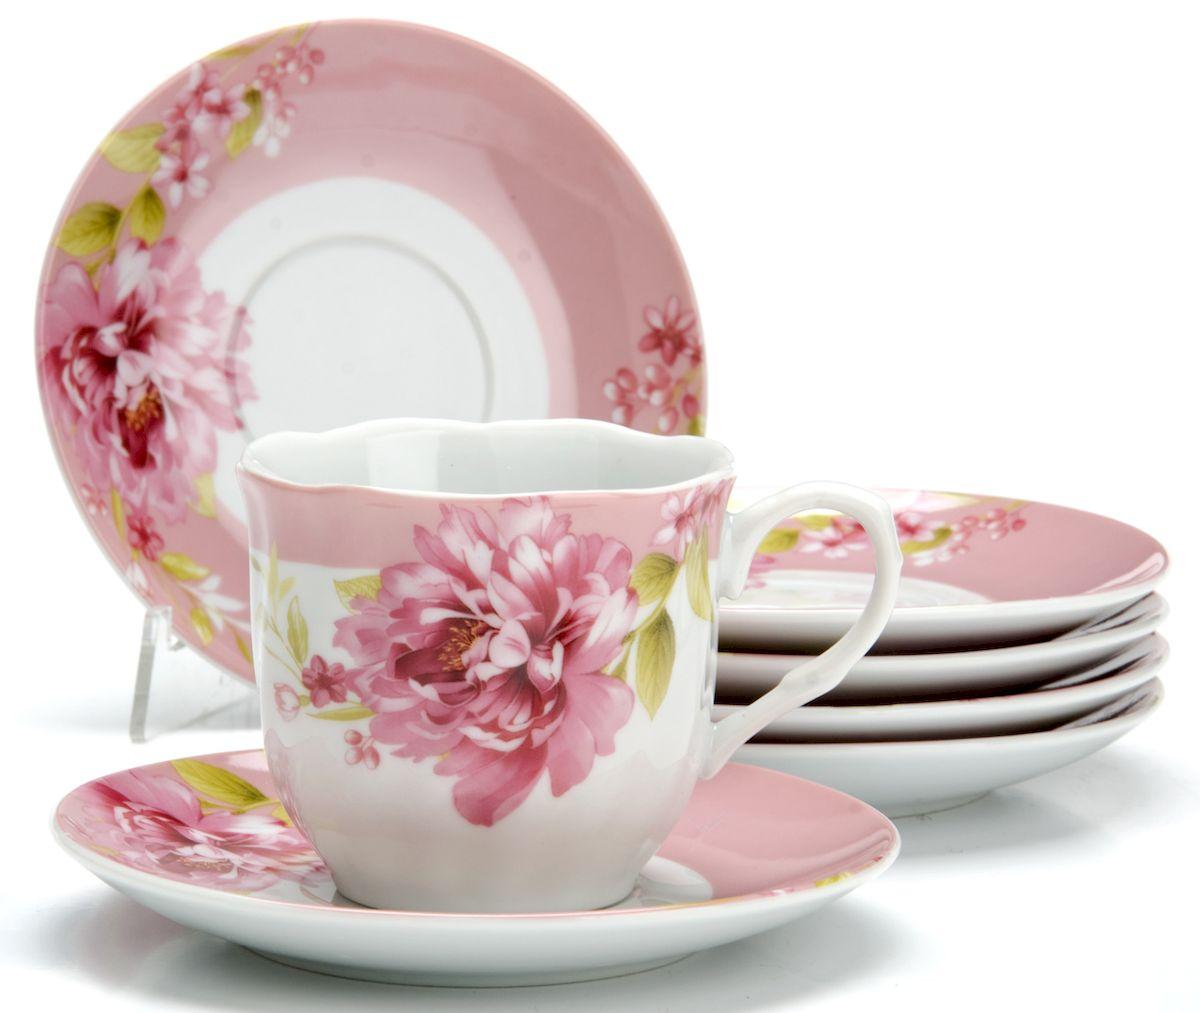 Чайный сервиз Loraine Цветы, 220 мл, 12 предметов. 25915115610Чайный сервиз на 6 персон изготовлен из качественного фарфора и оформлен красивым рисунком. Элегантный и удобный чайный сервиз не только украсит сервировку стола, но и поднимет настроение и превратит процесс чаепития в одно удовольствие.Сервиз состоит из 12 предметов: шести чашек и шести блюдец, упакованных в подарочную коробку. Чашки имеют удобную, изящную ручку.Изделия легко и просто мыть.Диаметр чашки: 8 см.Высота чашки: 7,5 см.Объем чашки: 220 мл.Диаметр блюдца: 14 см.